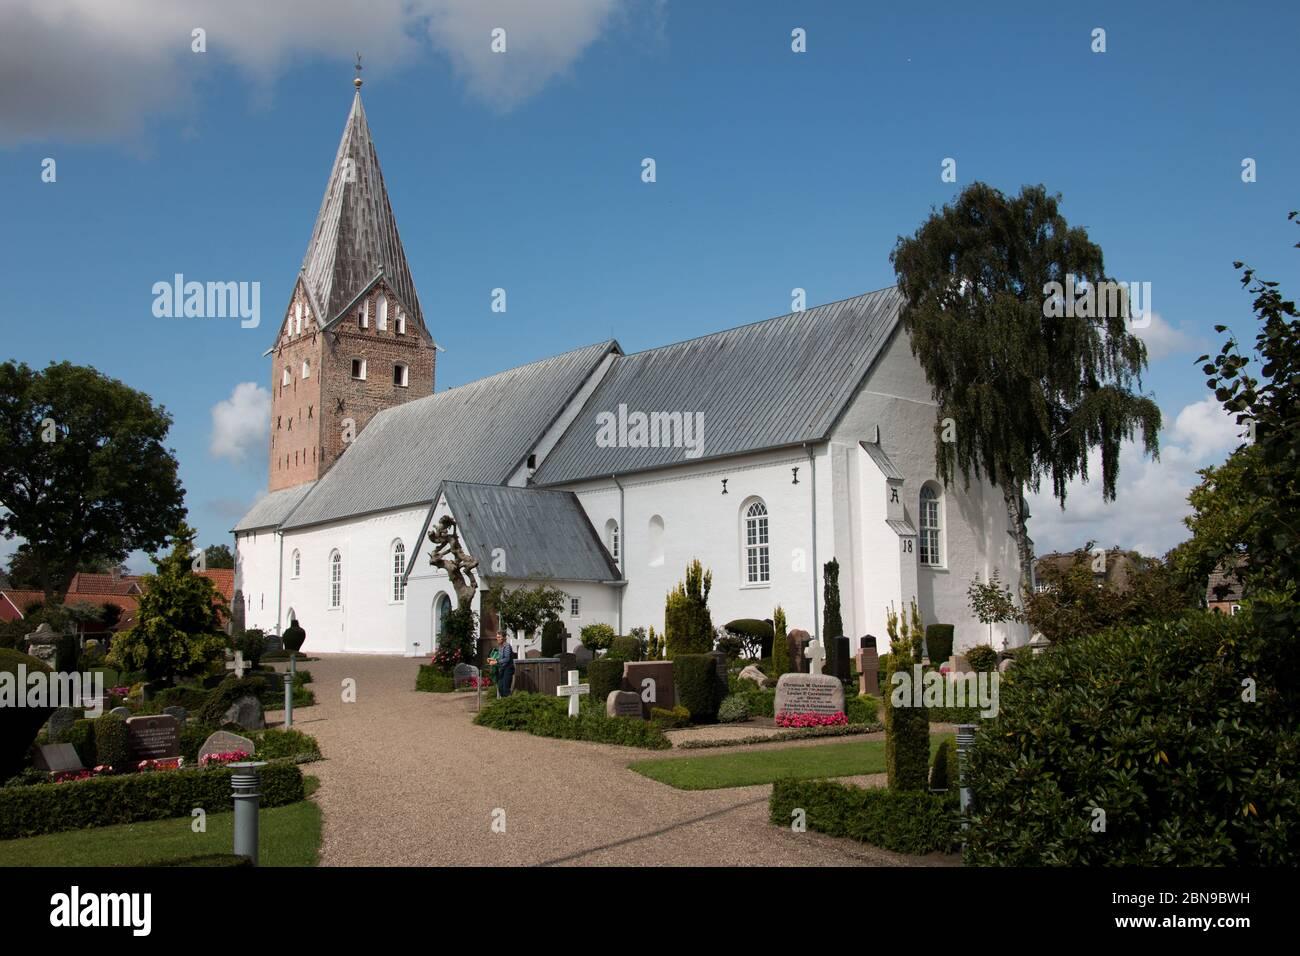 Tonder, Dinamarca - 20 de agosto de 2019: Mogeltonder iglesia con paredes blancas y un gran campanario y un cementerio a su alrededor en una pequeña ciudad de Dinamarca. Cátodo Foto de stock